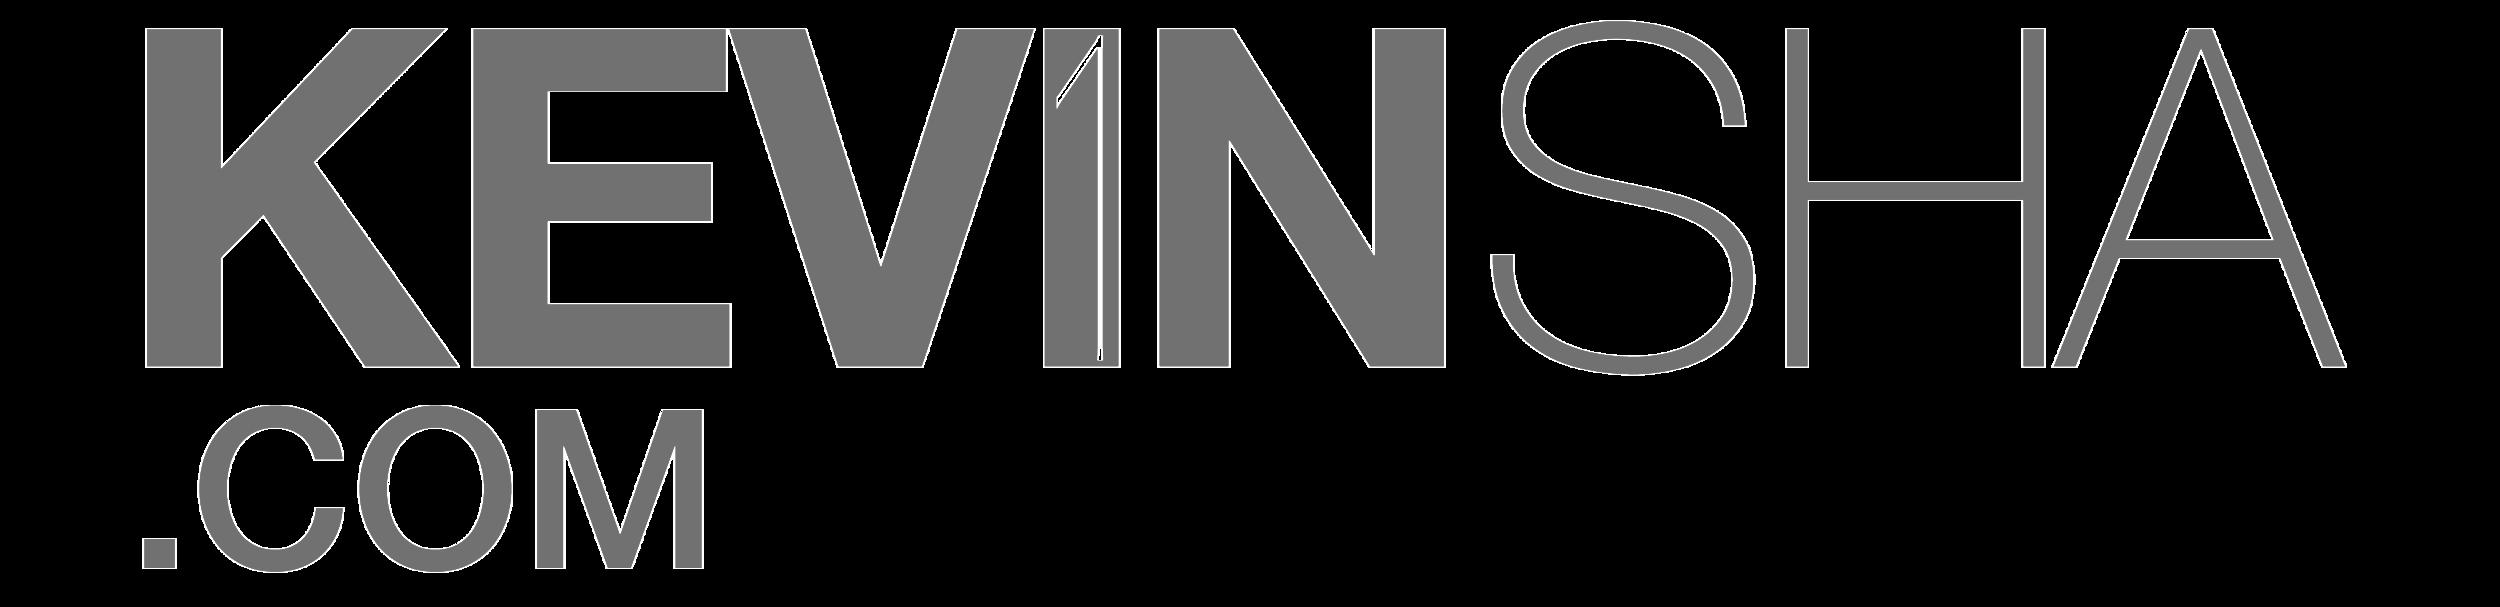 logo Kevin Sha.com grey.png